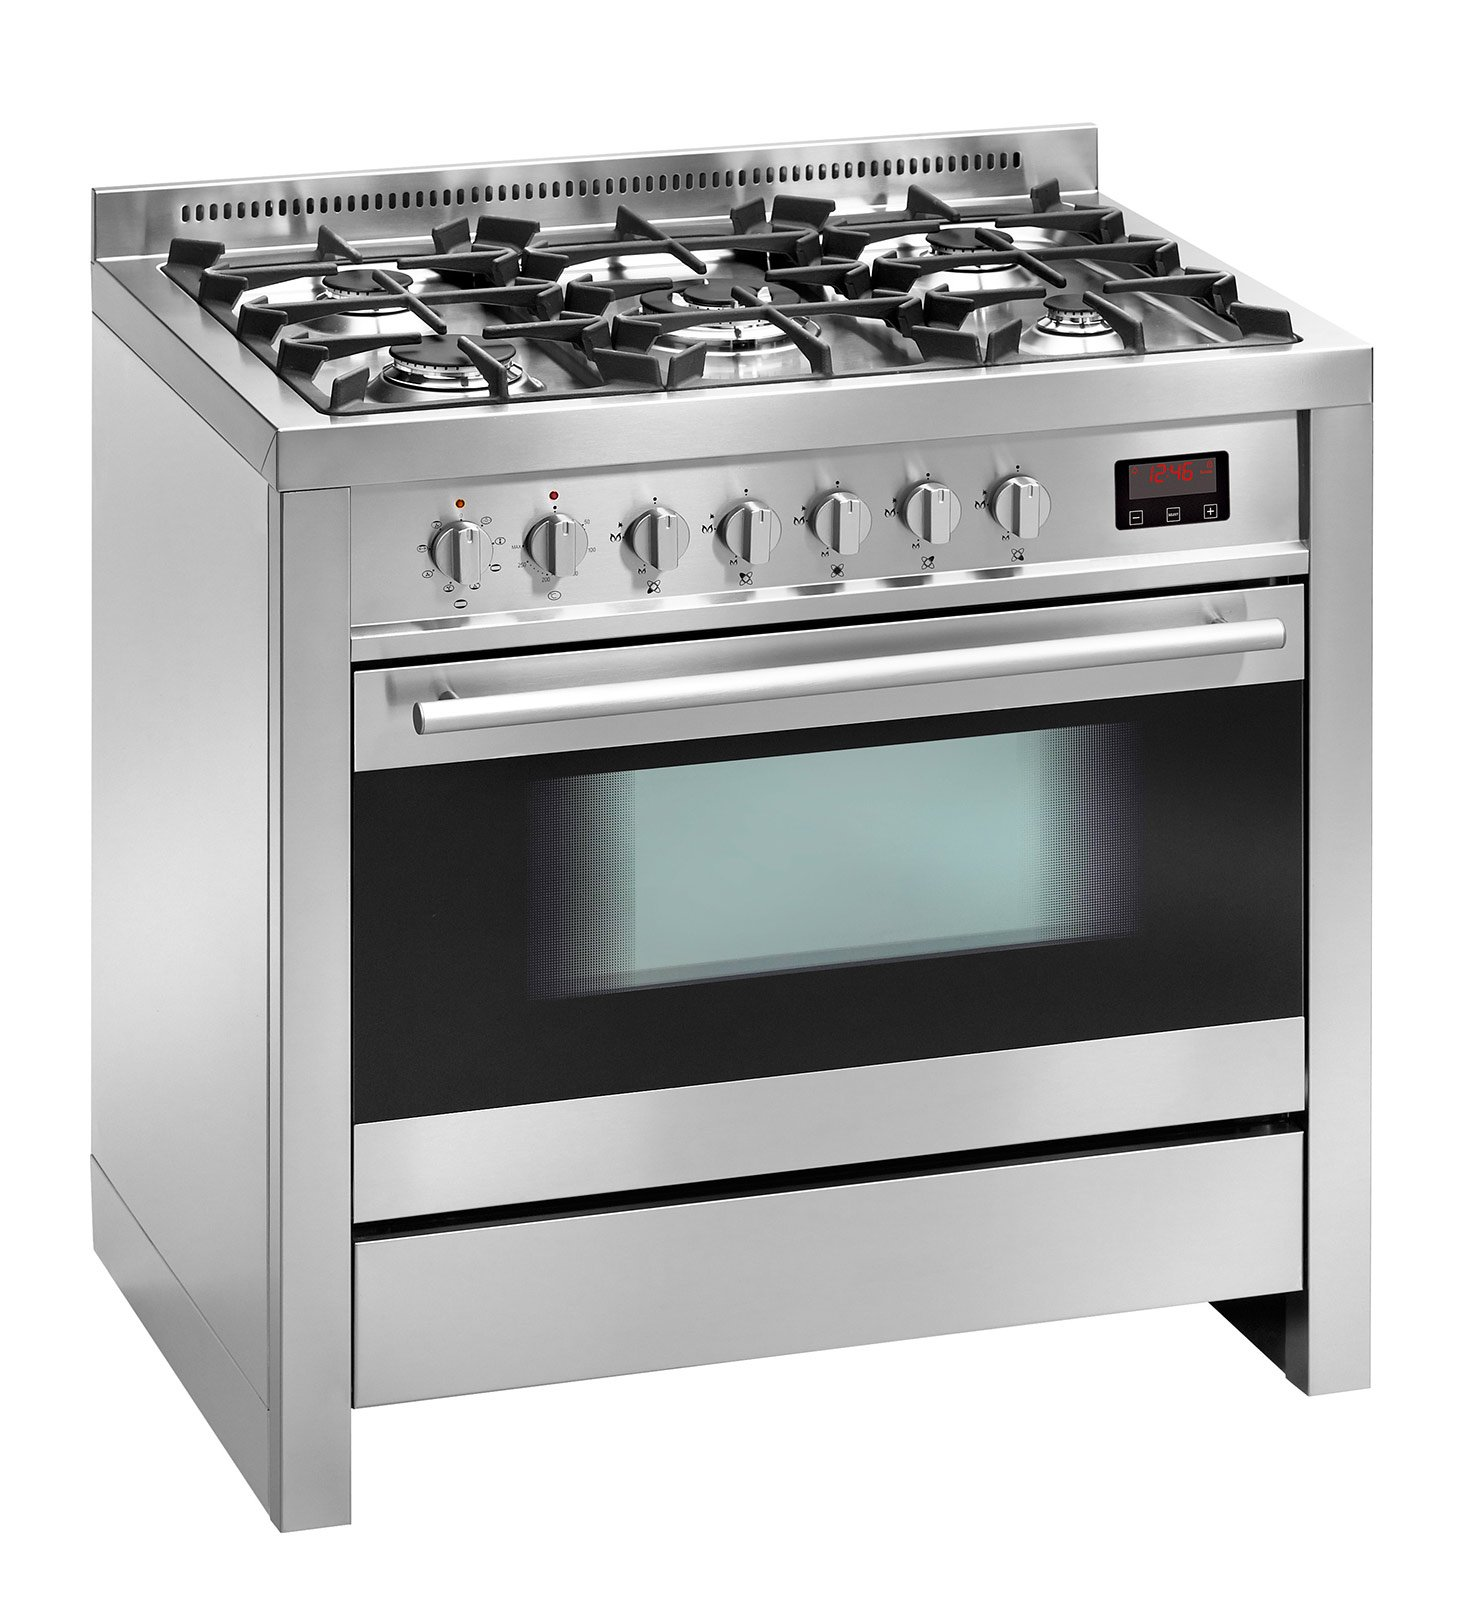 Cucine a gas con forno elettrico ariston tovaglioli di carta - Cucine a gas libera installazione ...